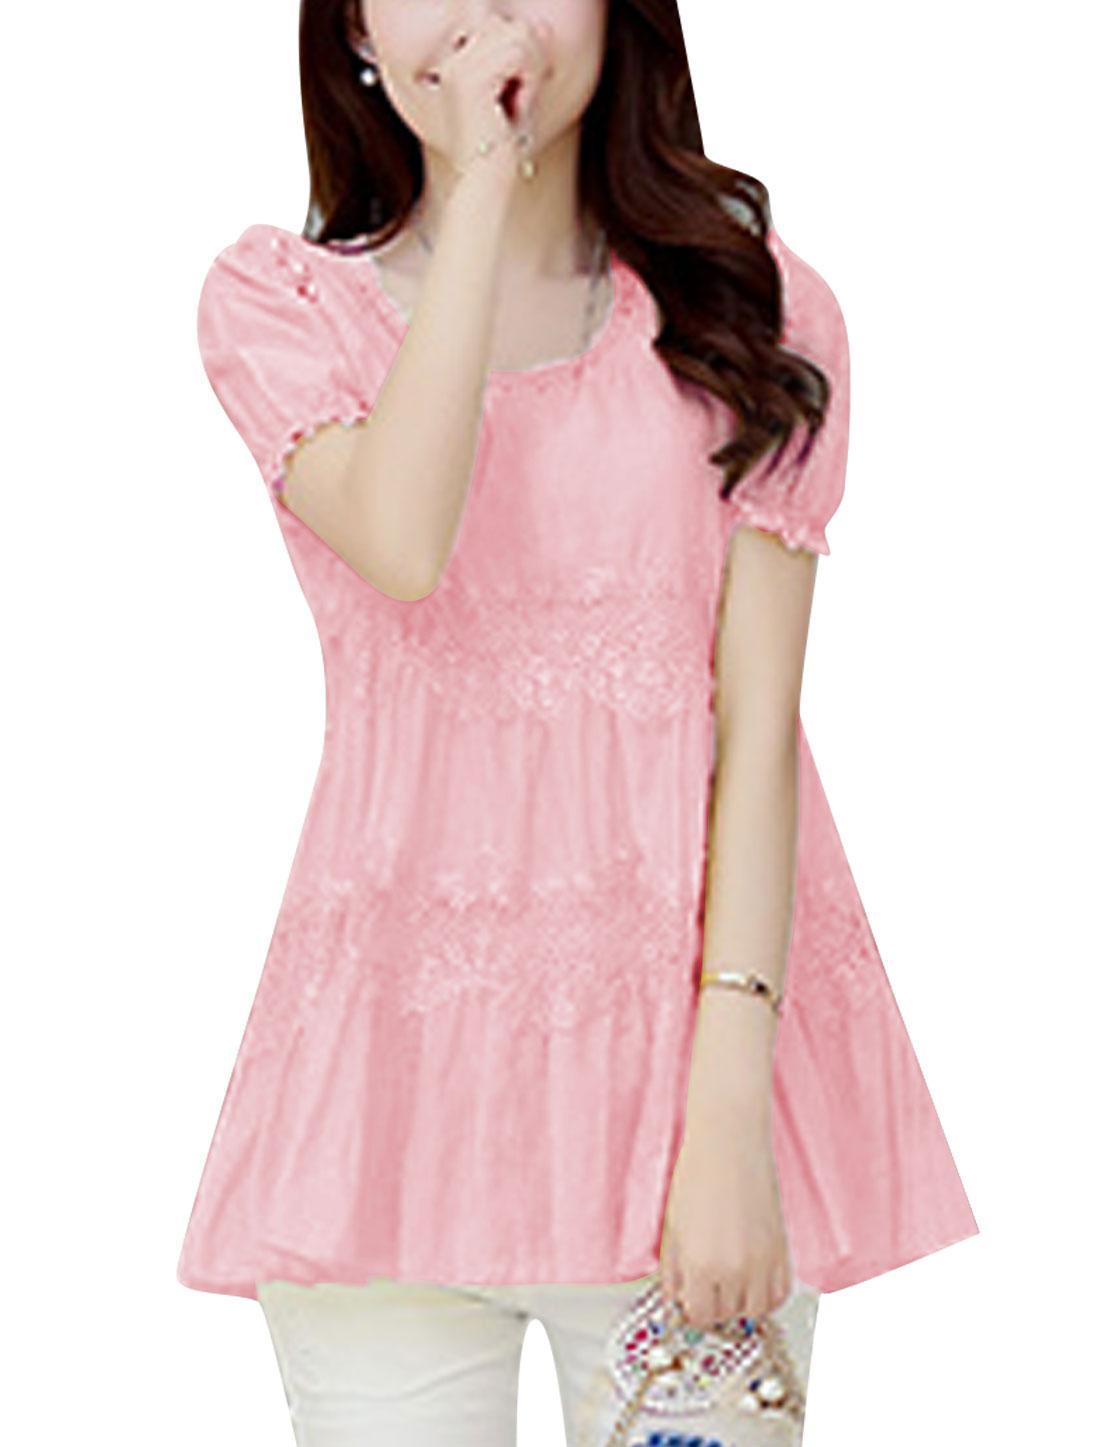 Lady Lace Panel Design Lining Tunic Chiffon Blouse Light Pink M